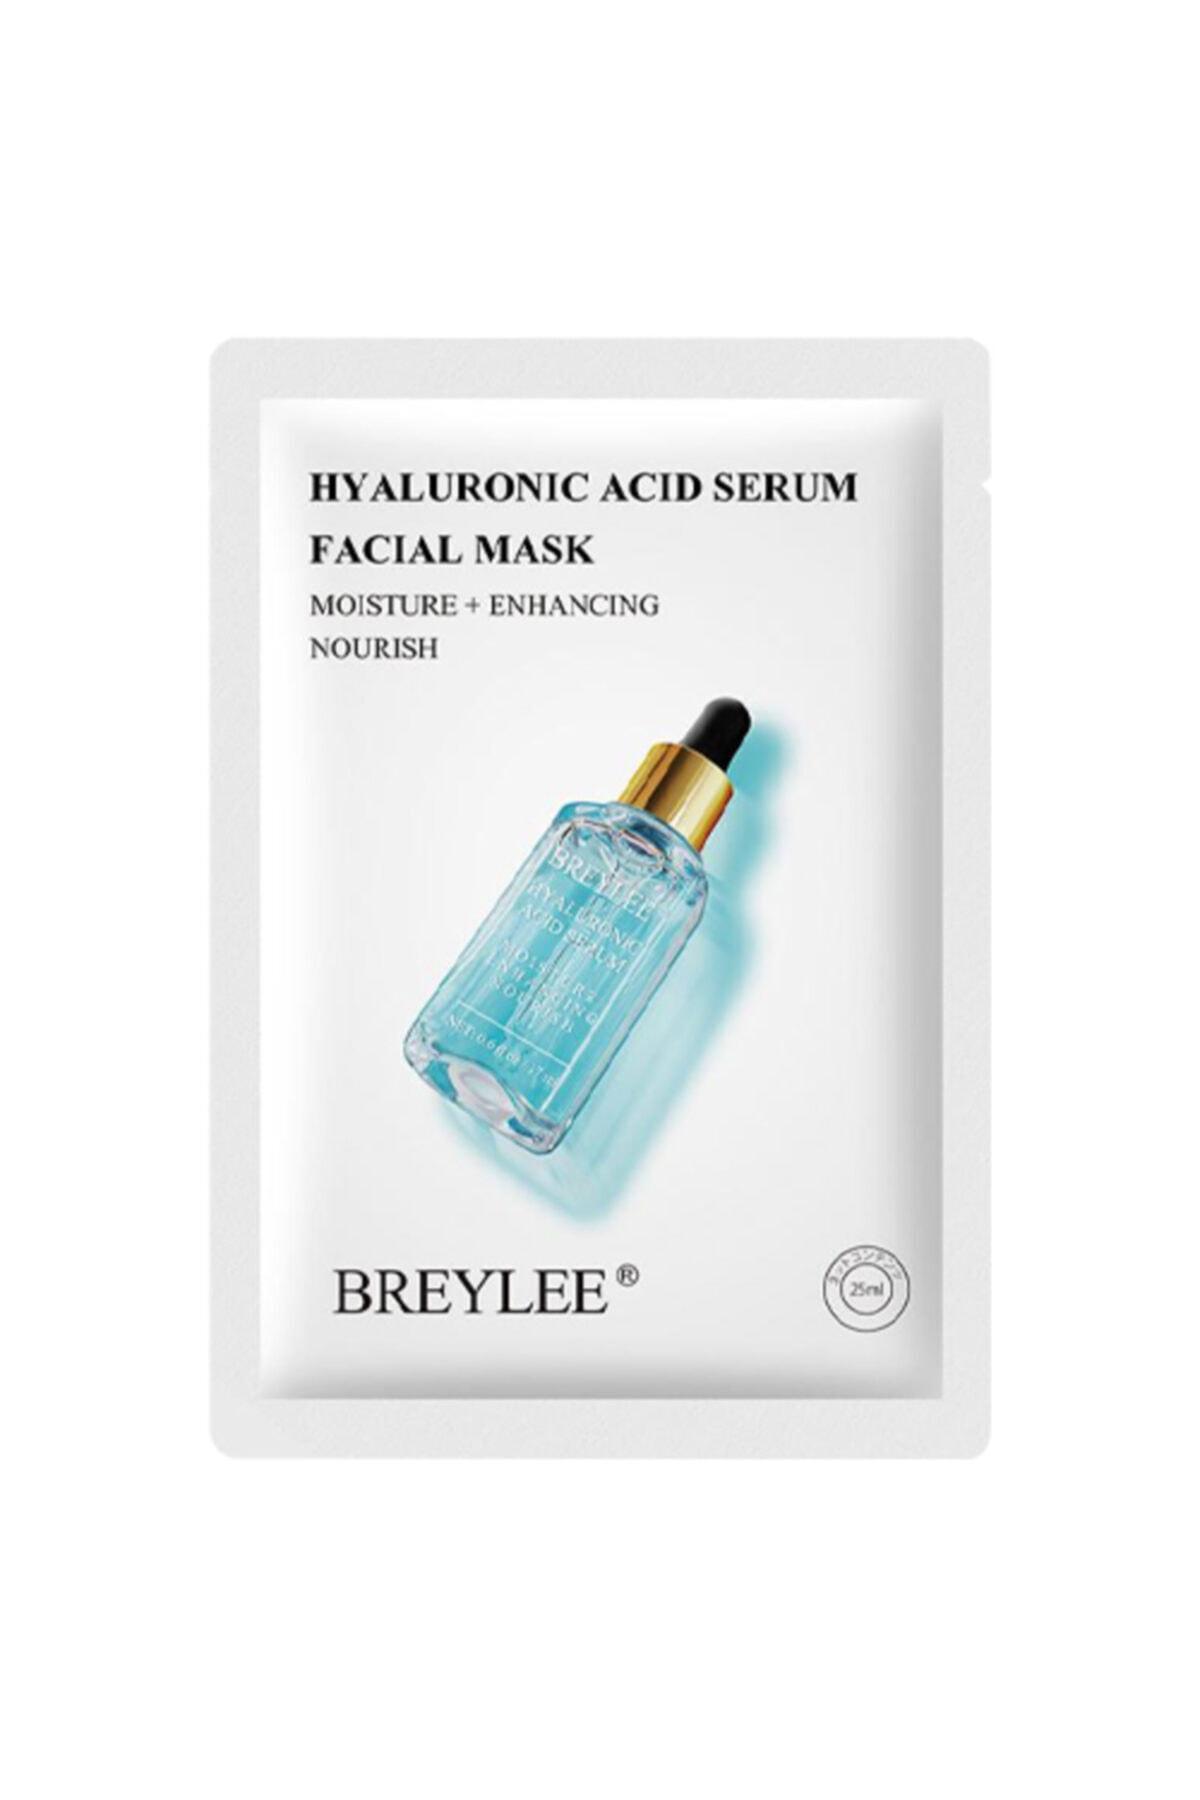 Ocean Breylee Hyaluronik Asit Serumulu Cilt Bakımı Maskesi 1